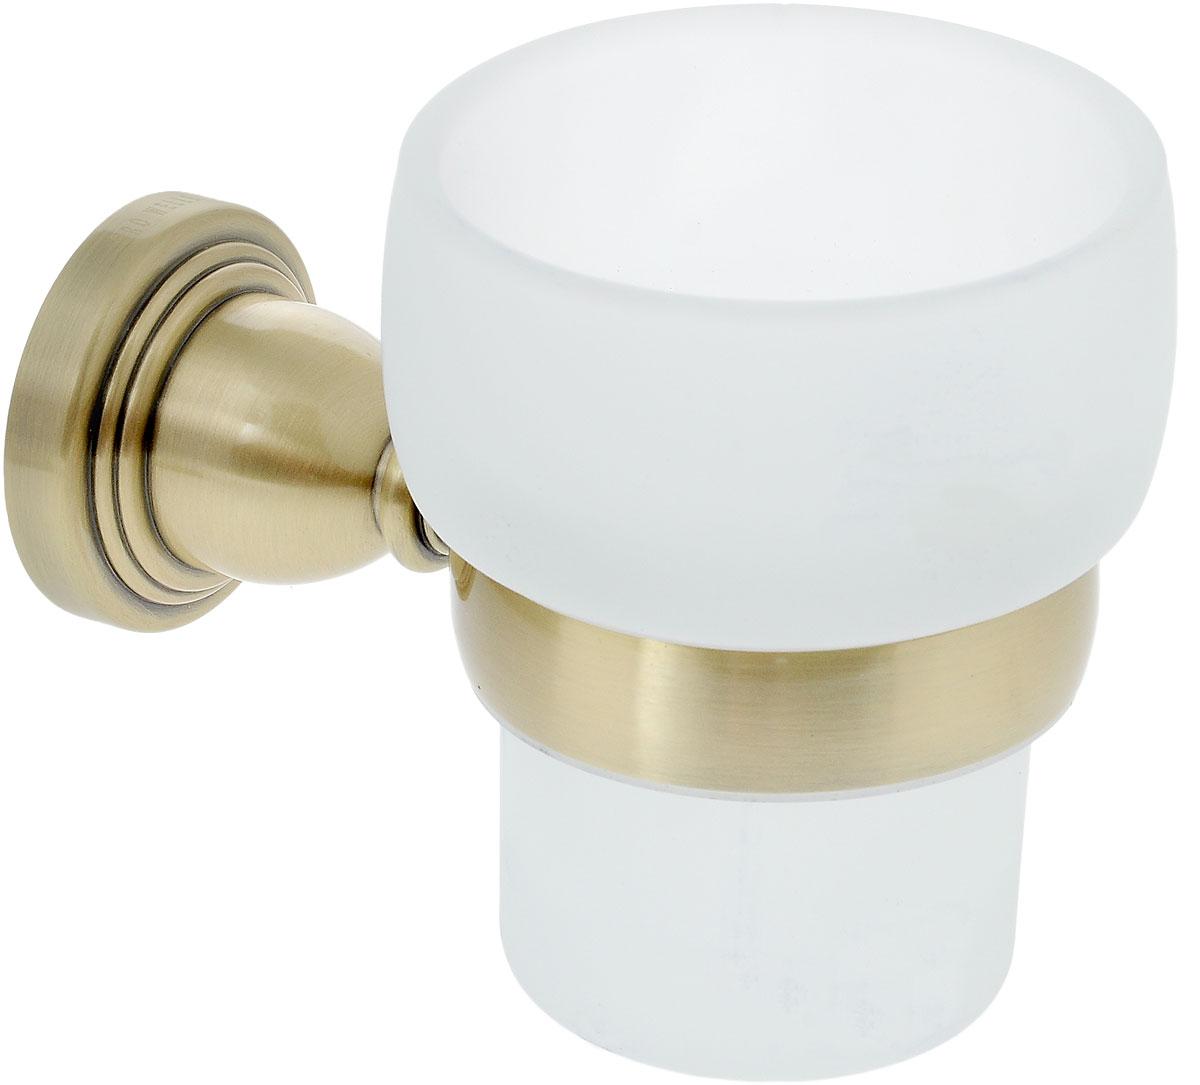 Стакан подвесной Gro Welle MuskatMSK551Стакан для ванной комнаты Gro Welle Muskat изготовлен из высококачественного матового стекла. Для стакана предусмотрен специальный держатель, выполненный из латуни с хромированным покрытием. Хромоникелевое покрытие Crystallight придает изделию яркий металлический блеск и эстетичный внешний вид. Имеет водоотталкивающие свойства, благодаря которым защищает изделие. Устойчив к кислотным и щелочным чистящим средствам. Изделие быстро и просто крепится к стене, крепежные материалы входят в комплект. В стакане удобно хранить зубные щетки, пасту и другие принадлежности. Диаметр стакана по верхнему краю: 8 см.Высота стакана: 10 см.Отступ стакана от стены: 12,8 см.